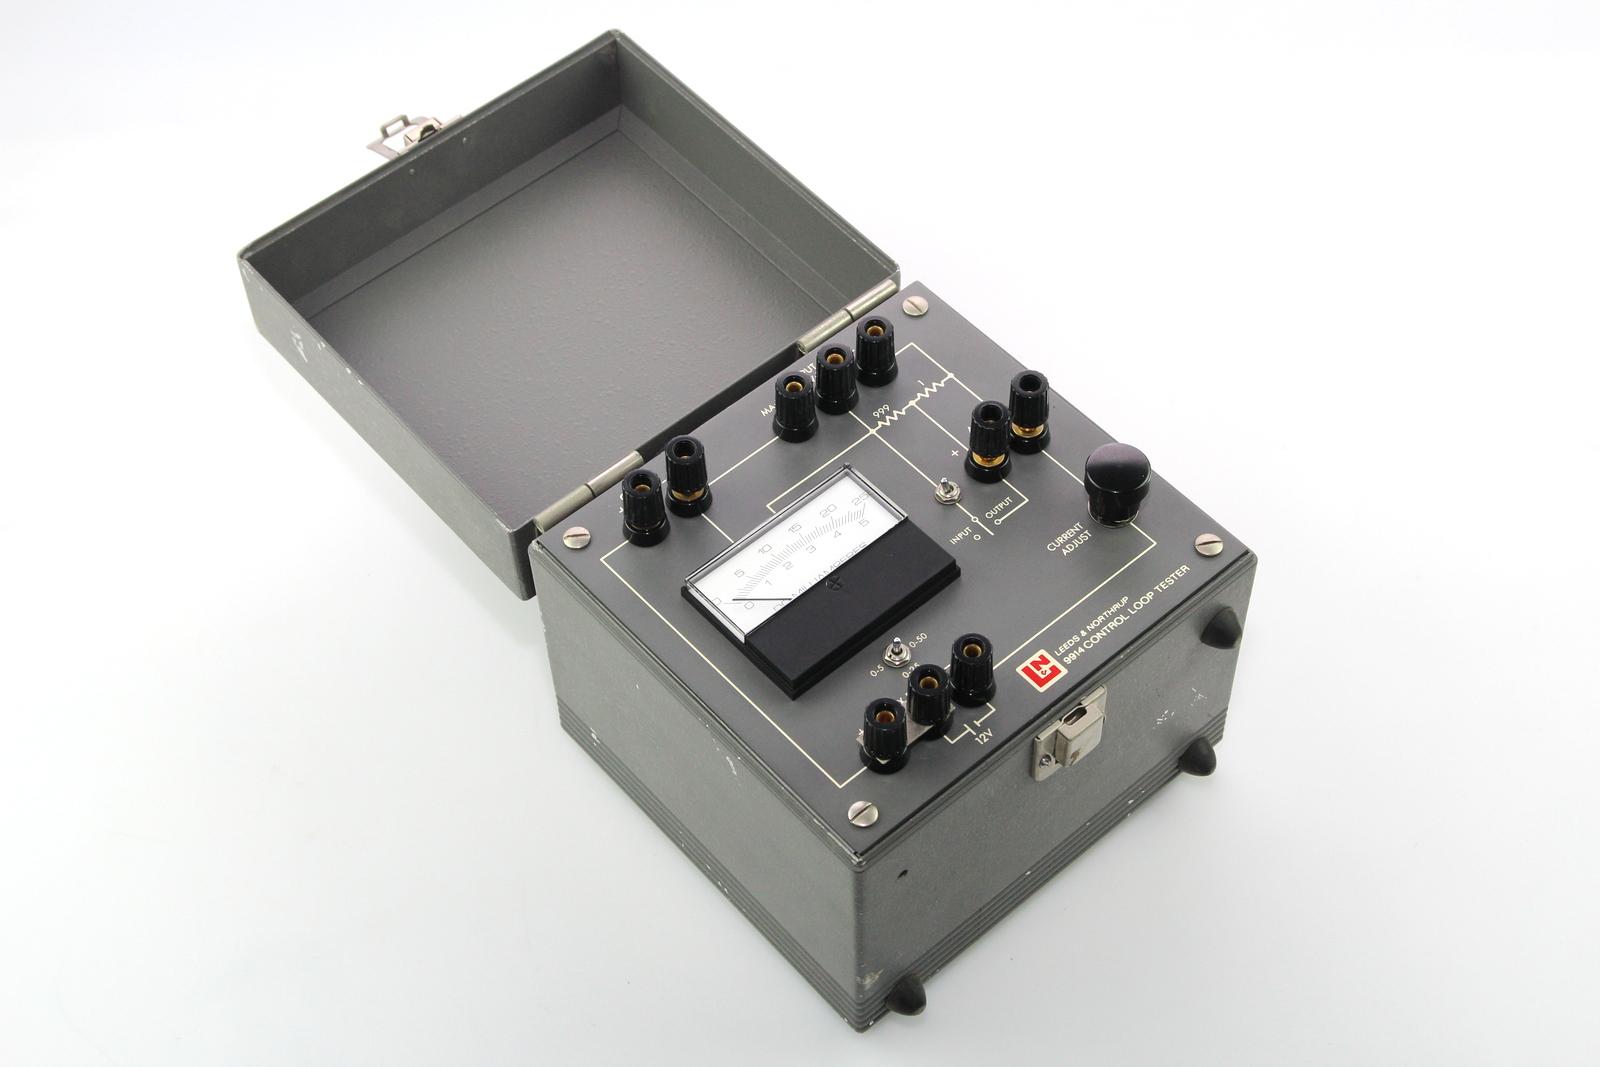 Surplus Electronic Test Equipment : Leeds northrup control loop tester ebay